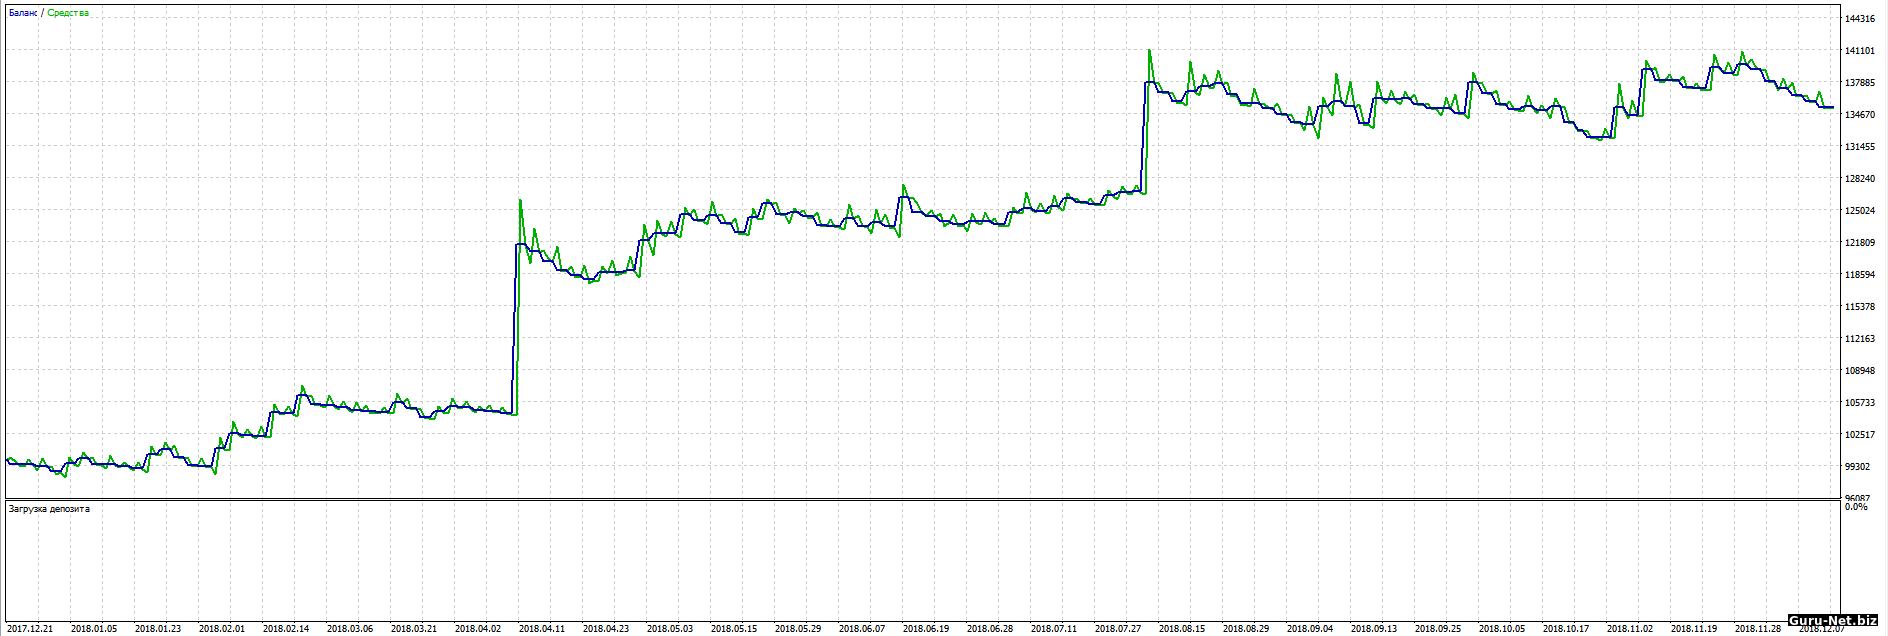 График доходности робота PC с фильтром 2018 Si